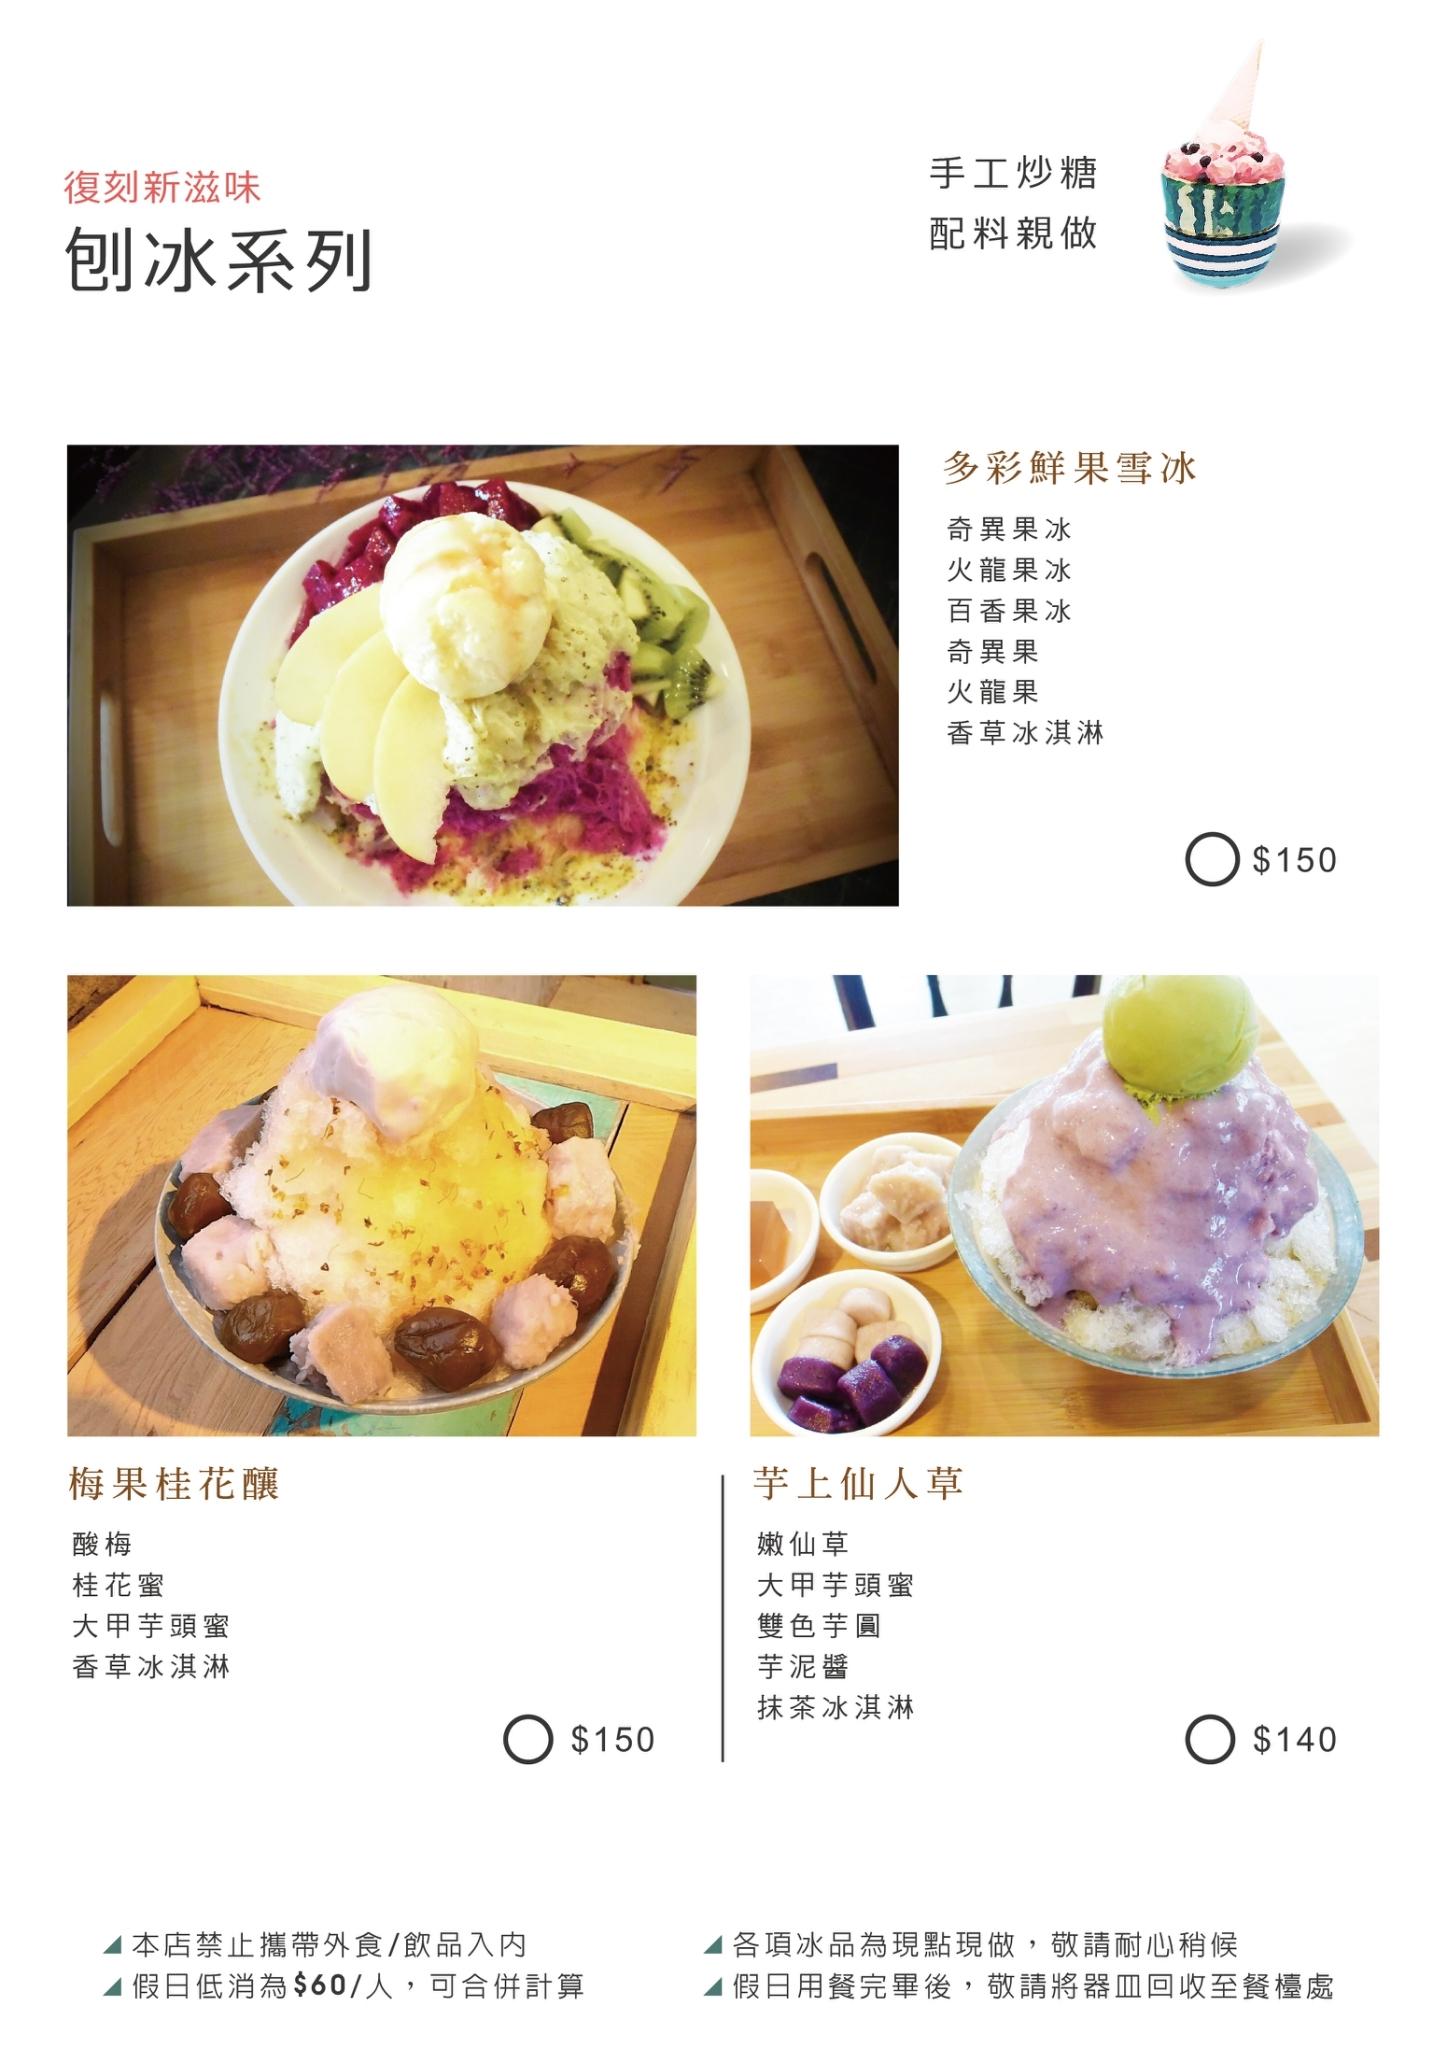 新南五五製冰所 菜單 台中大里冰店07